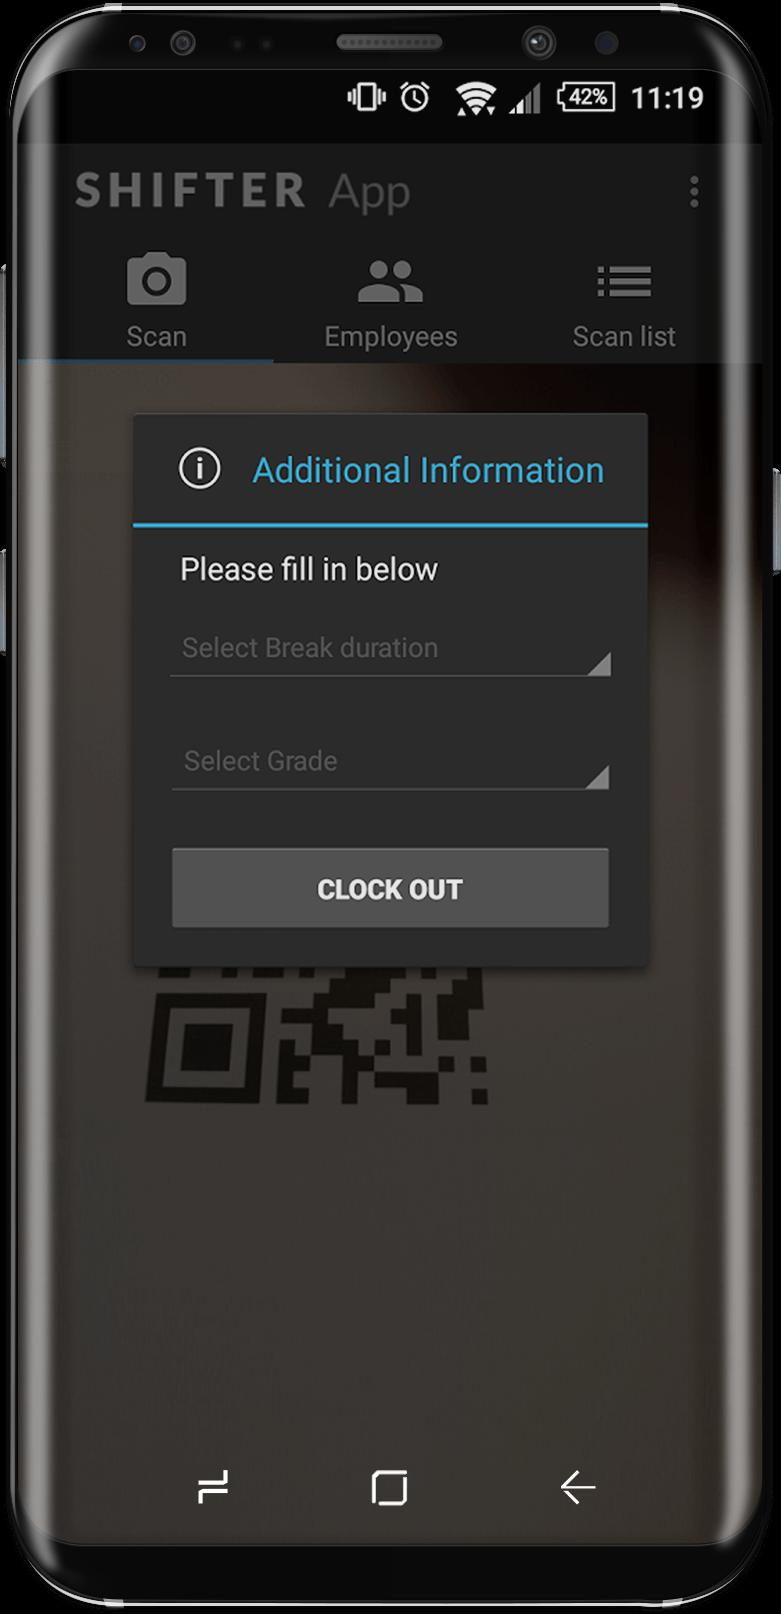 Samsung S8 Shifter app